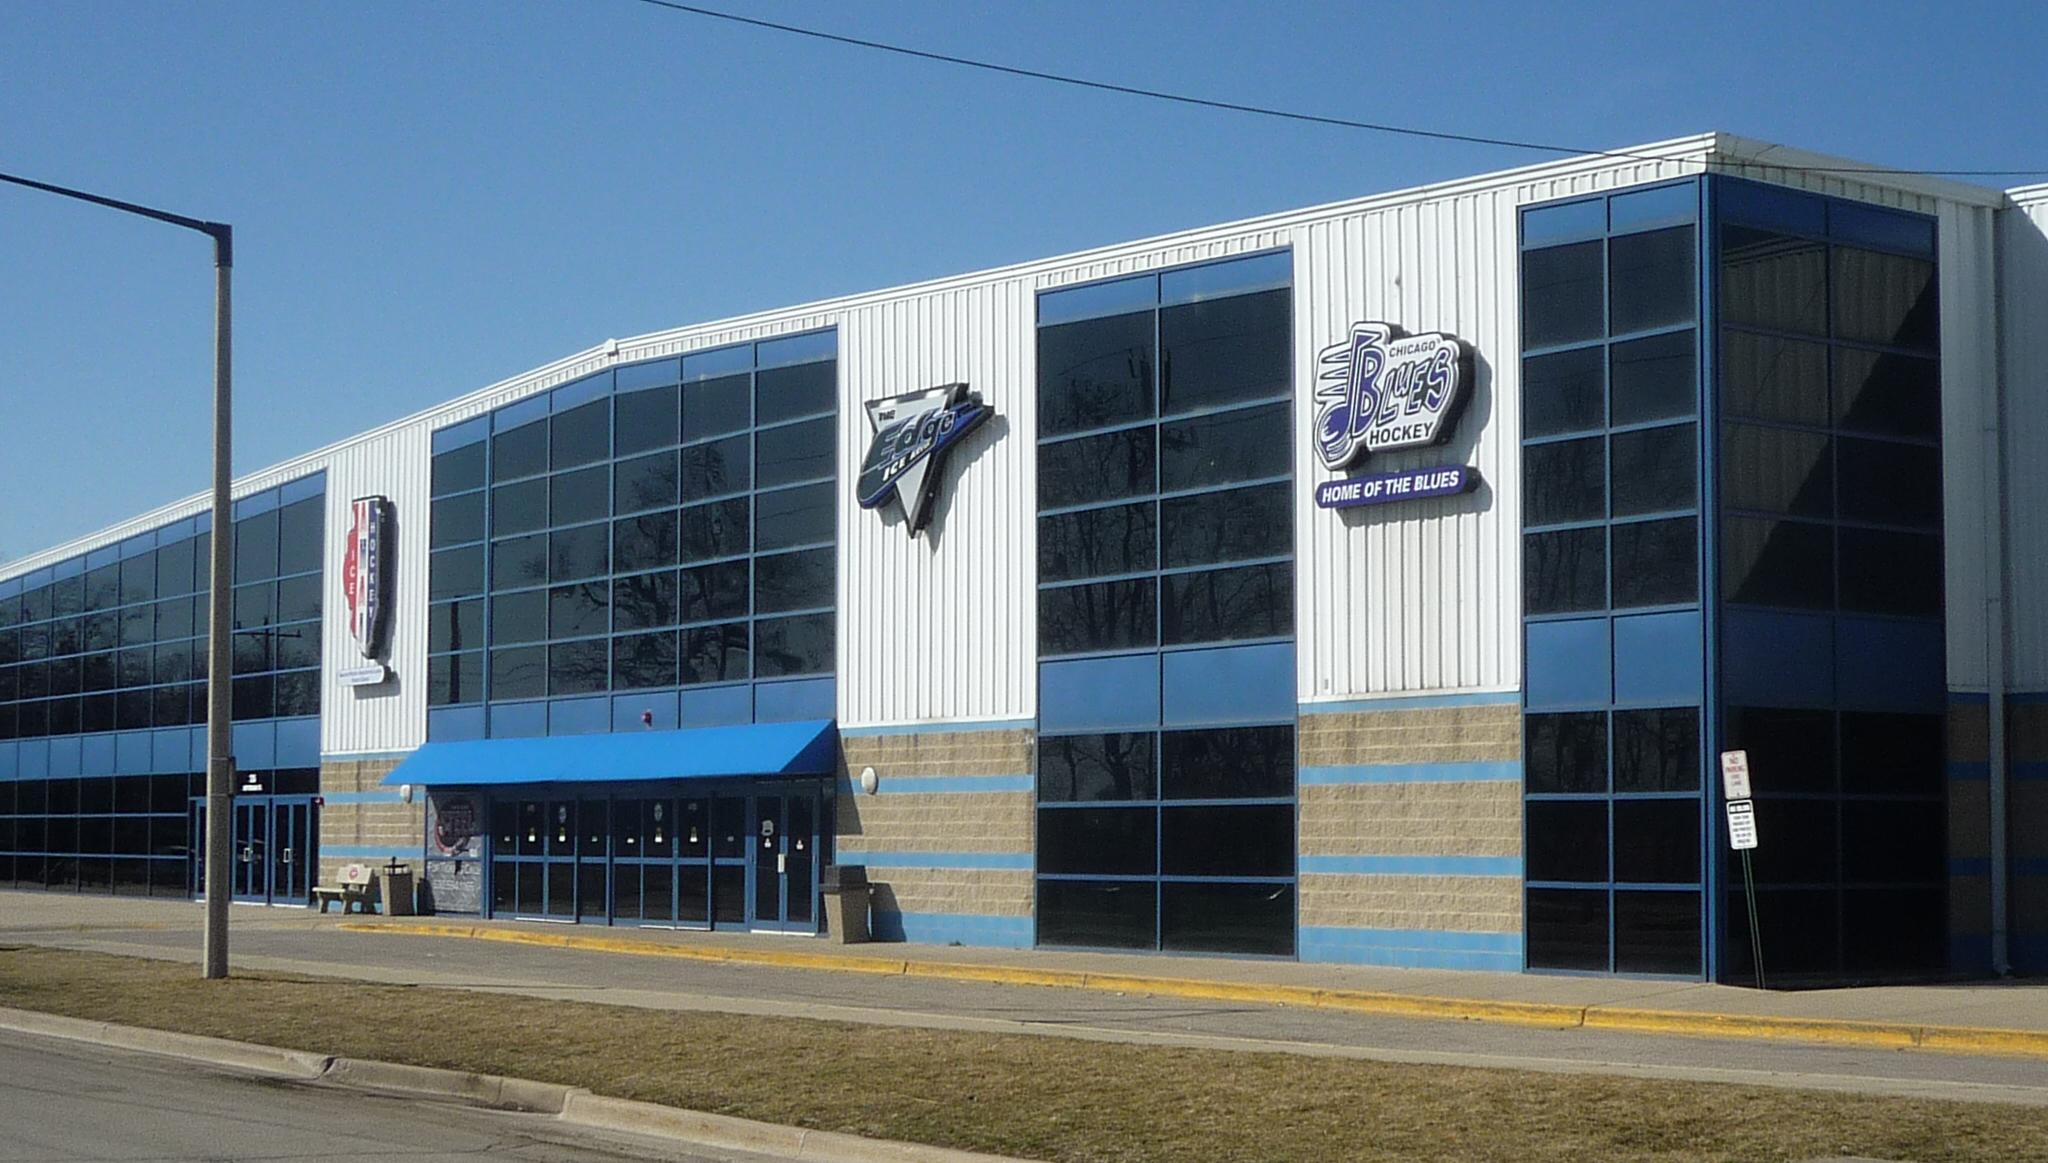 Tioga School Bensenville